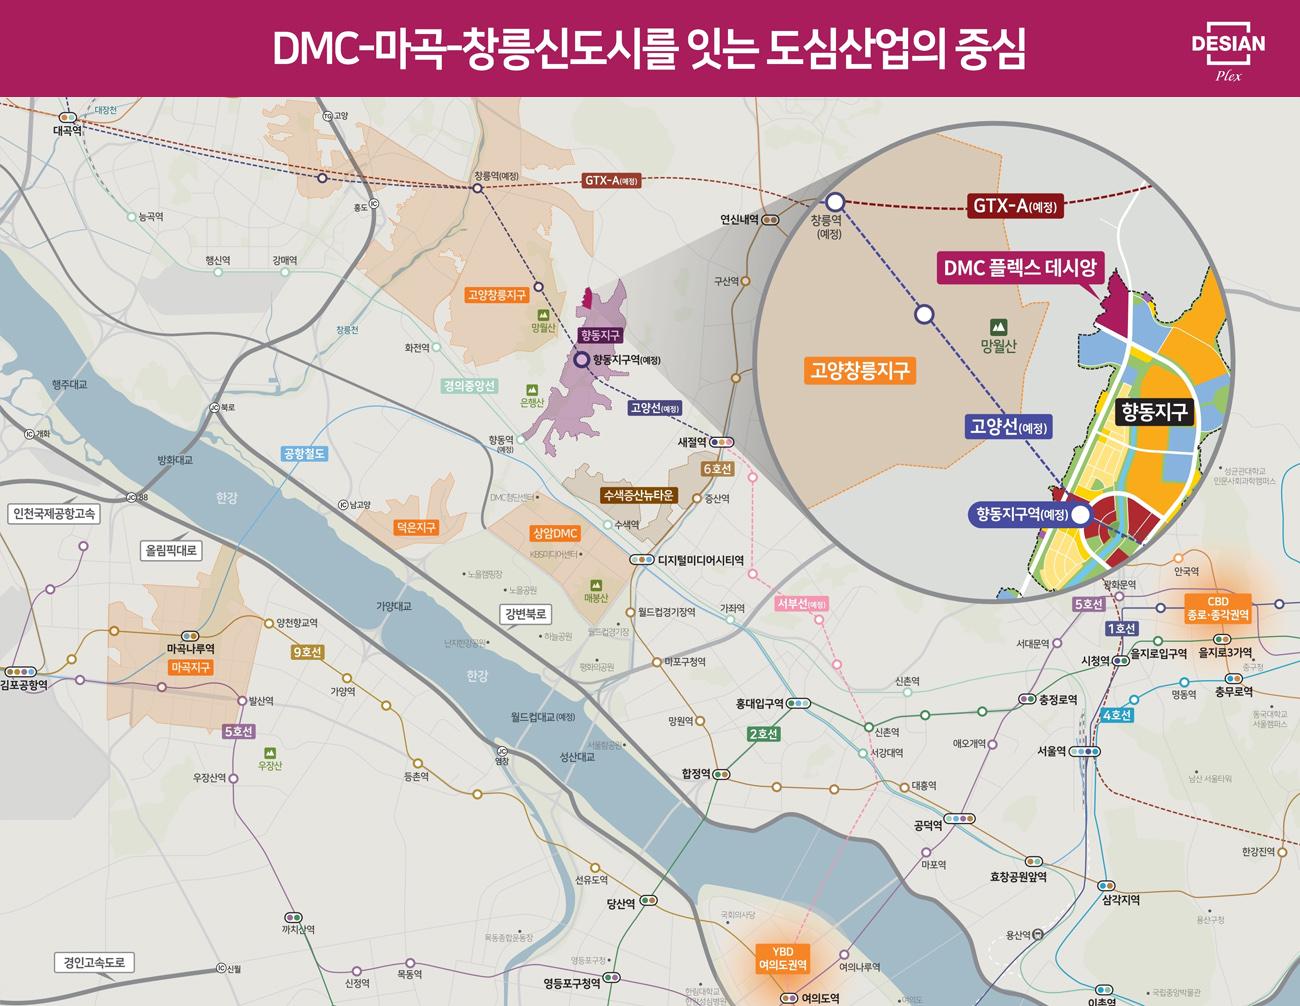 DMC-플렉스-데시앙-메인1